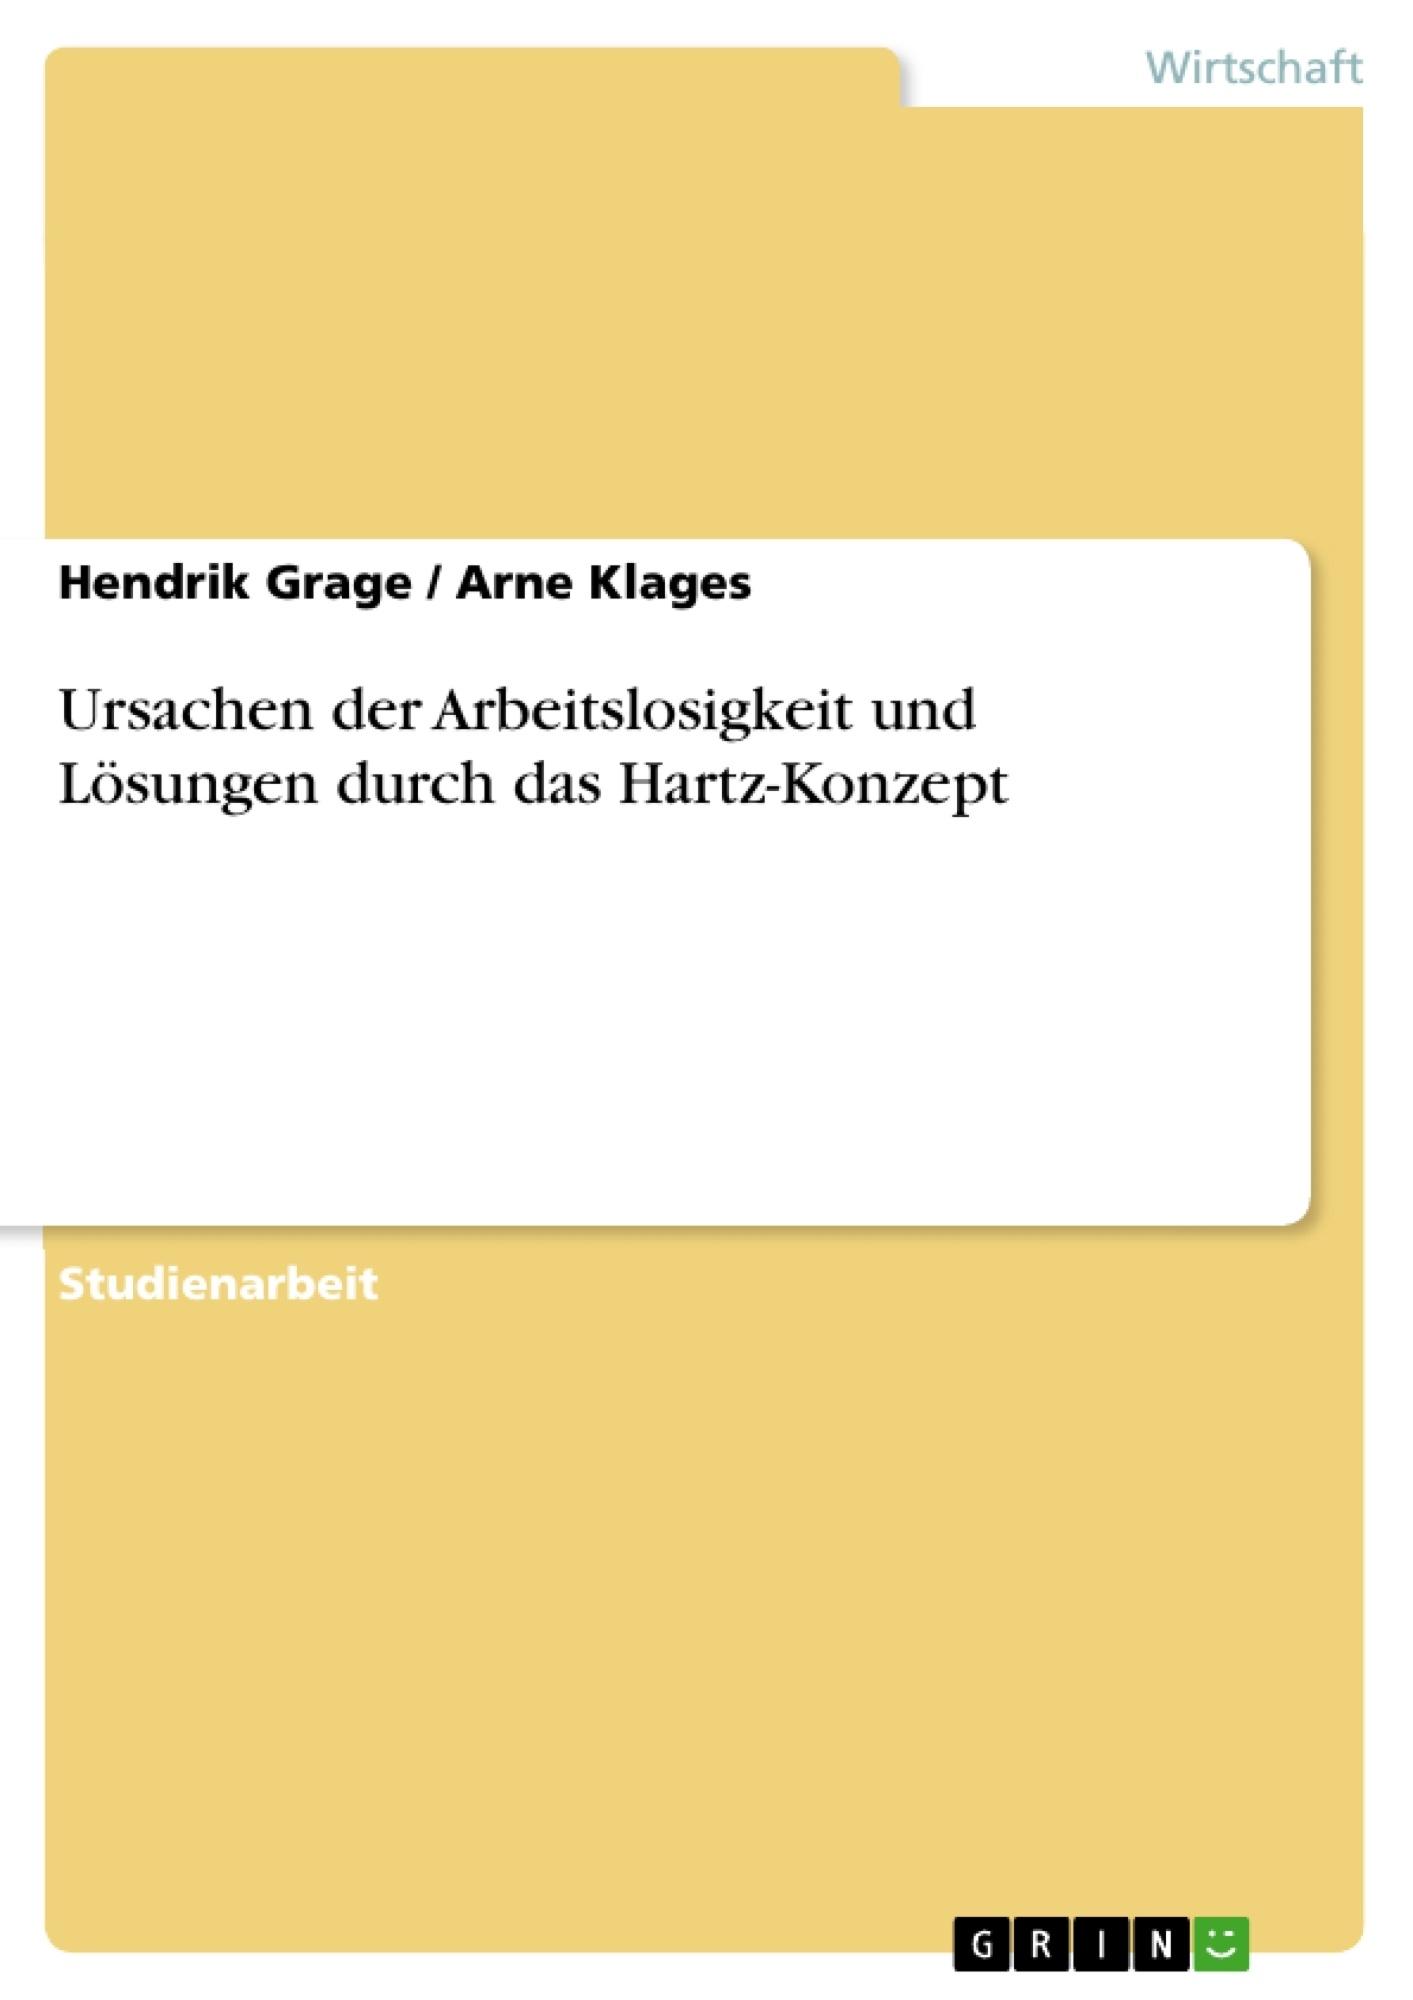 Titel: Ursachen der Arbeitslosigkeit und Lösungen durch das Hartz-Konzept